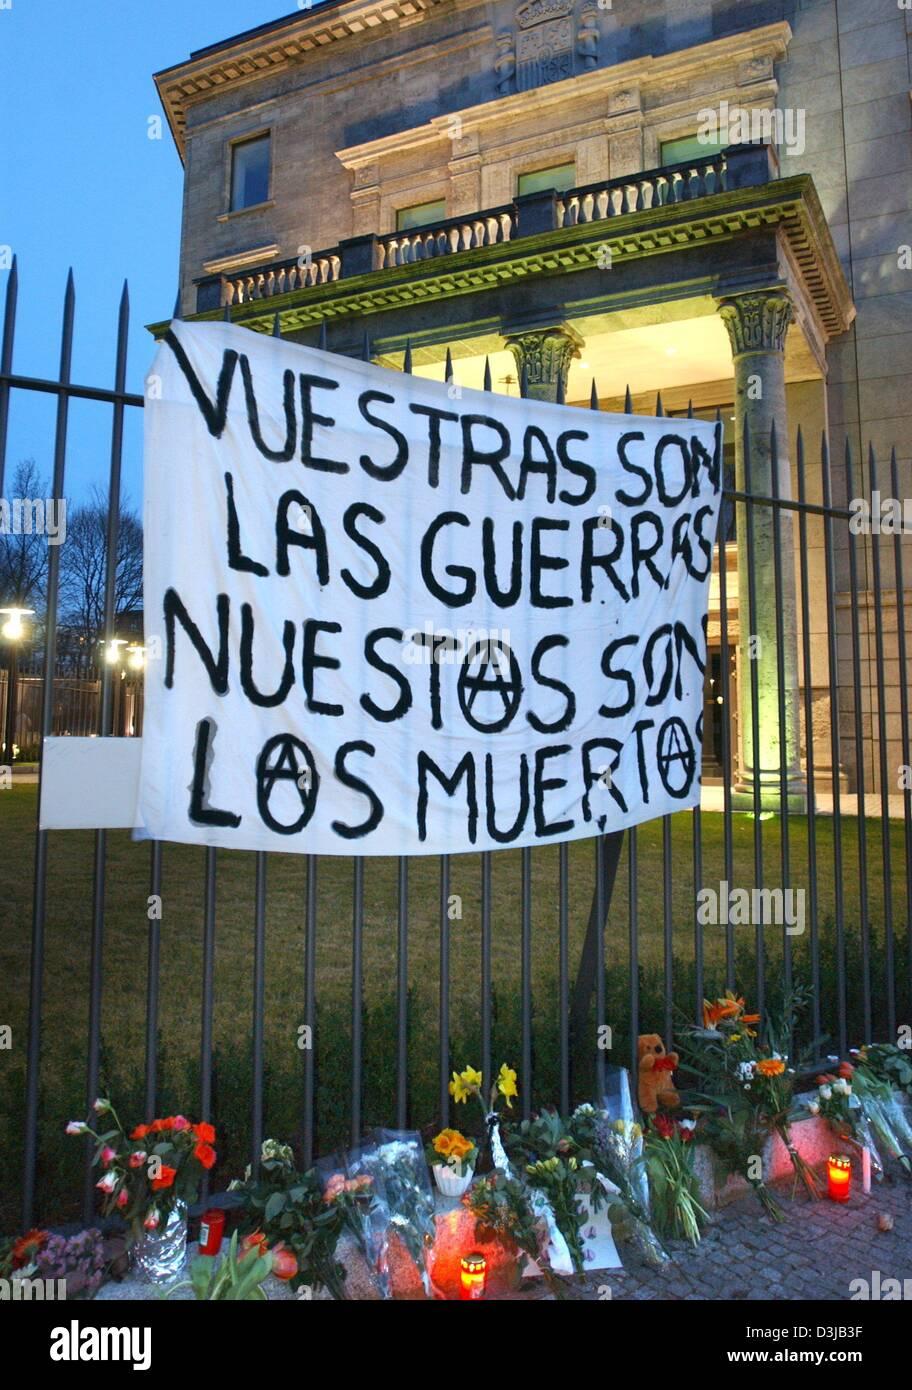 """(Afp) - Une bannière est suspendu au-dessus des bouquets de fleurs et de bougies attaché à une clôture entourant l'ambassade d'Espagne à Berlin, 14 mars 2004. La bannière indique 'Vuestras las Guerras, nuestros fils fils los muertos"""" (votre guerre et nos morts). Environ 30 personnes se sont réunies pour un rassemblement pour protester contre la politique du gouvernement espagnol. 200 personnes sont mortes et plus de 1 200 ont été blessés dans un Banque D'Images"""